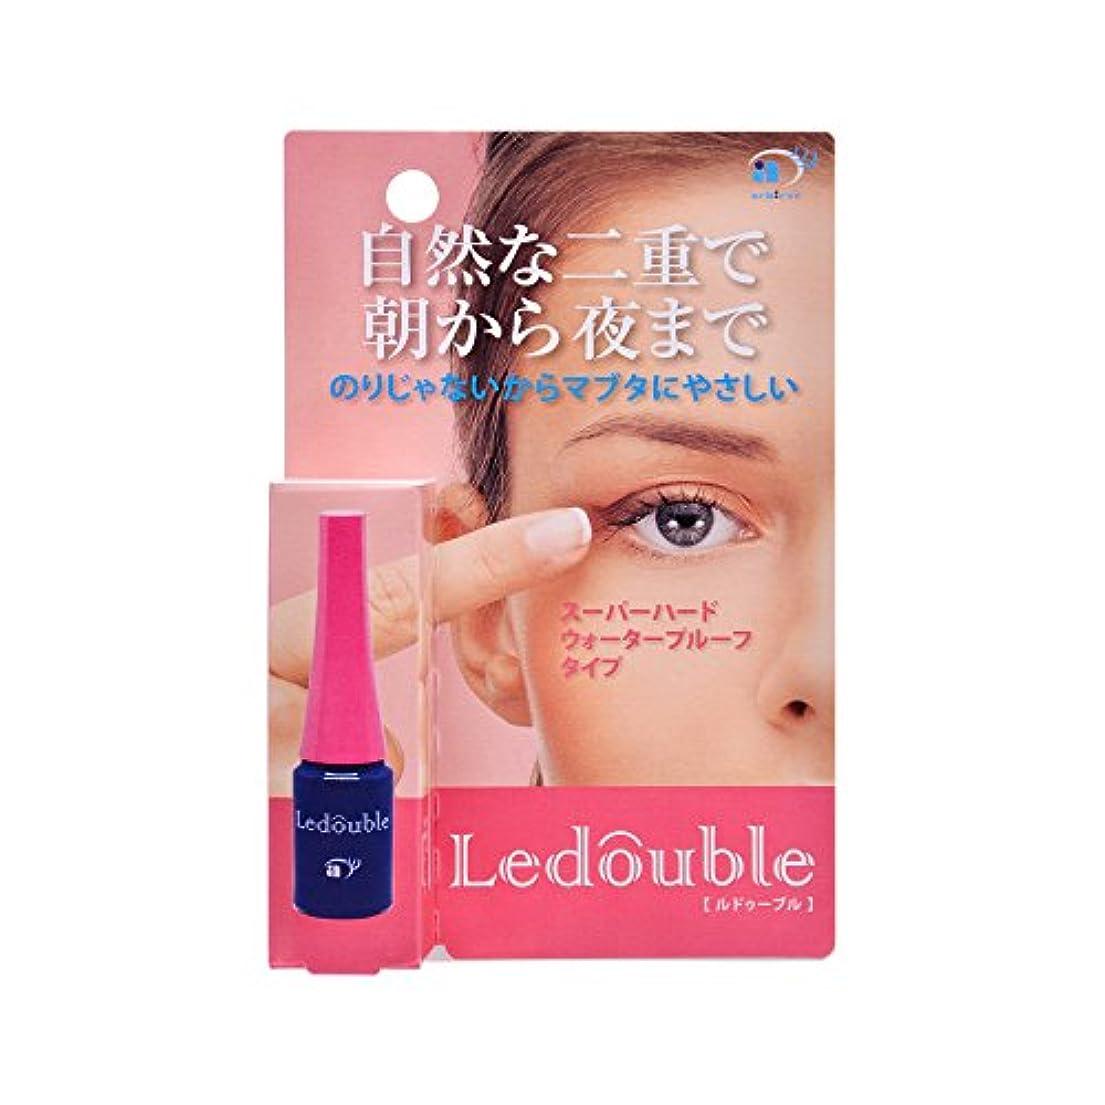 話をする真向こうボイラーLedouble [ルドゥーブル] 二重まぶた化粧品 (2mL)